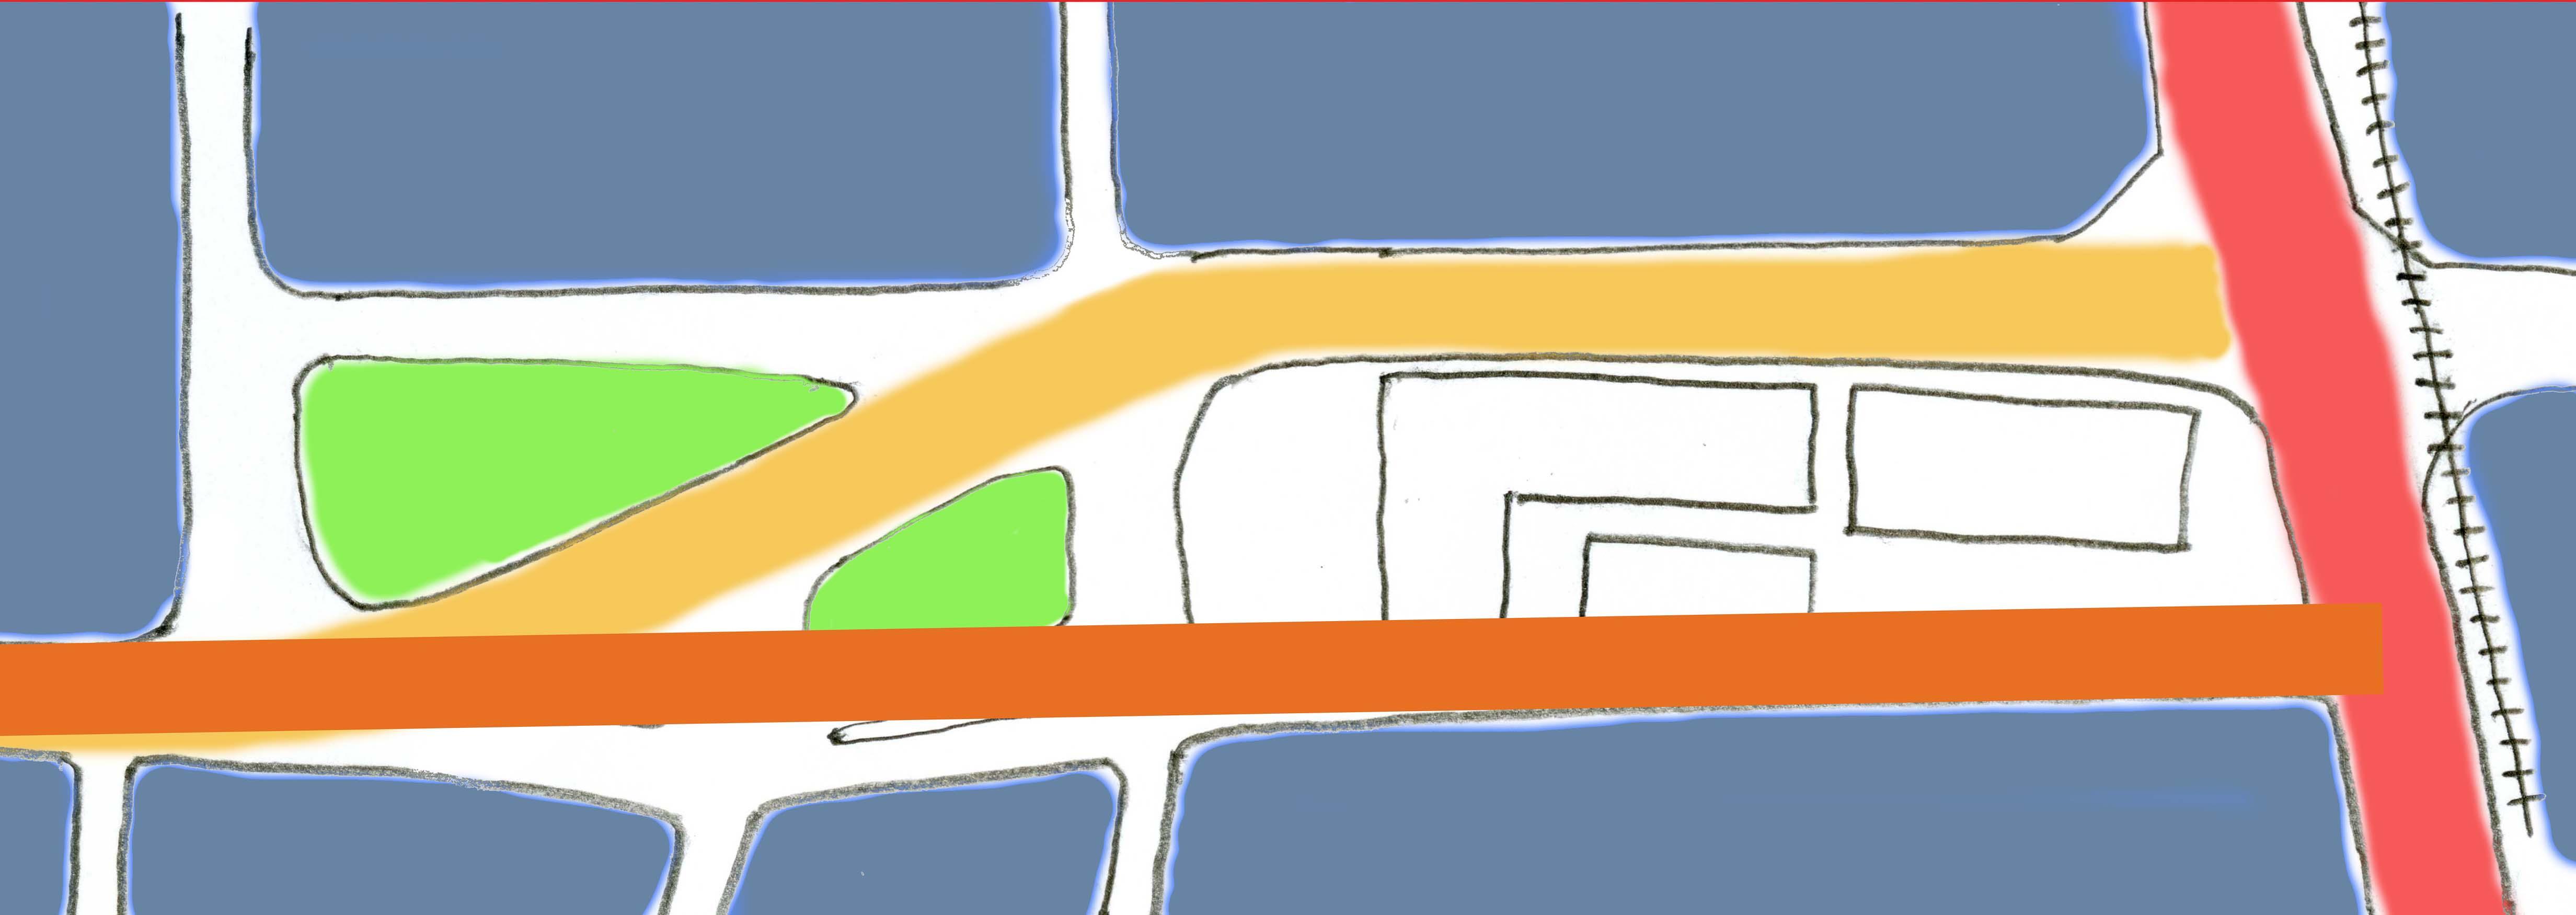 庁舎建て替えと大手広場_c0052876_23295394.jpg